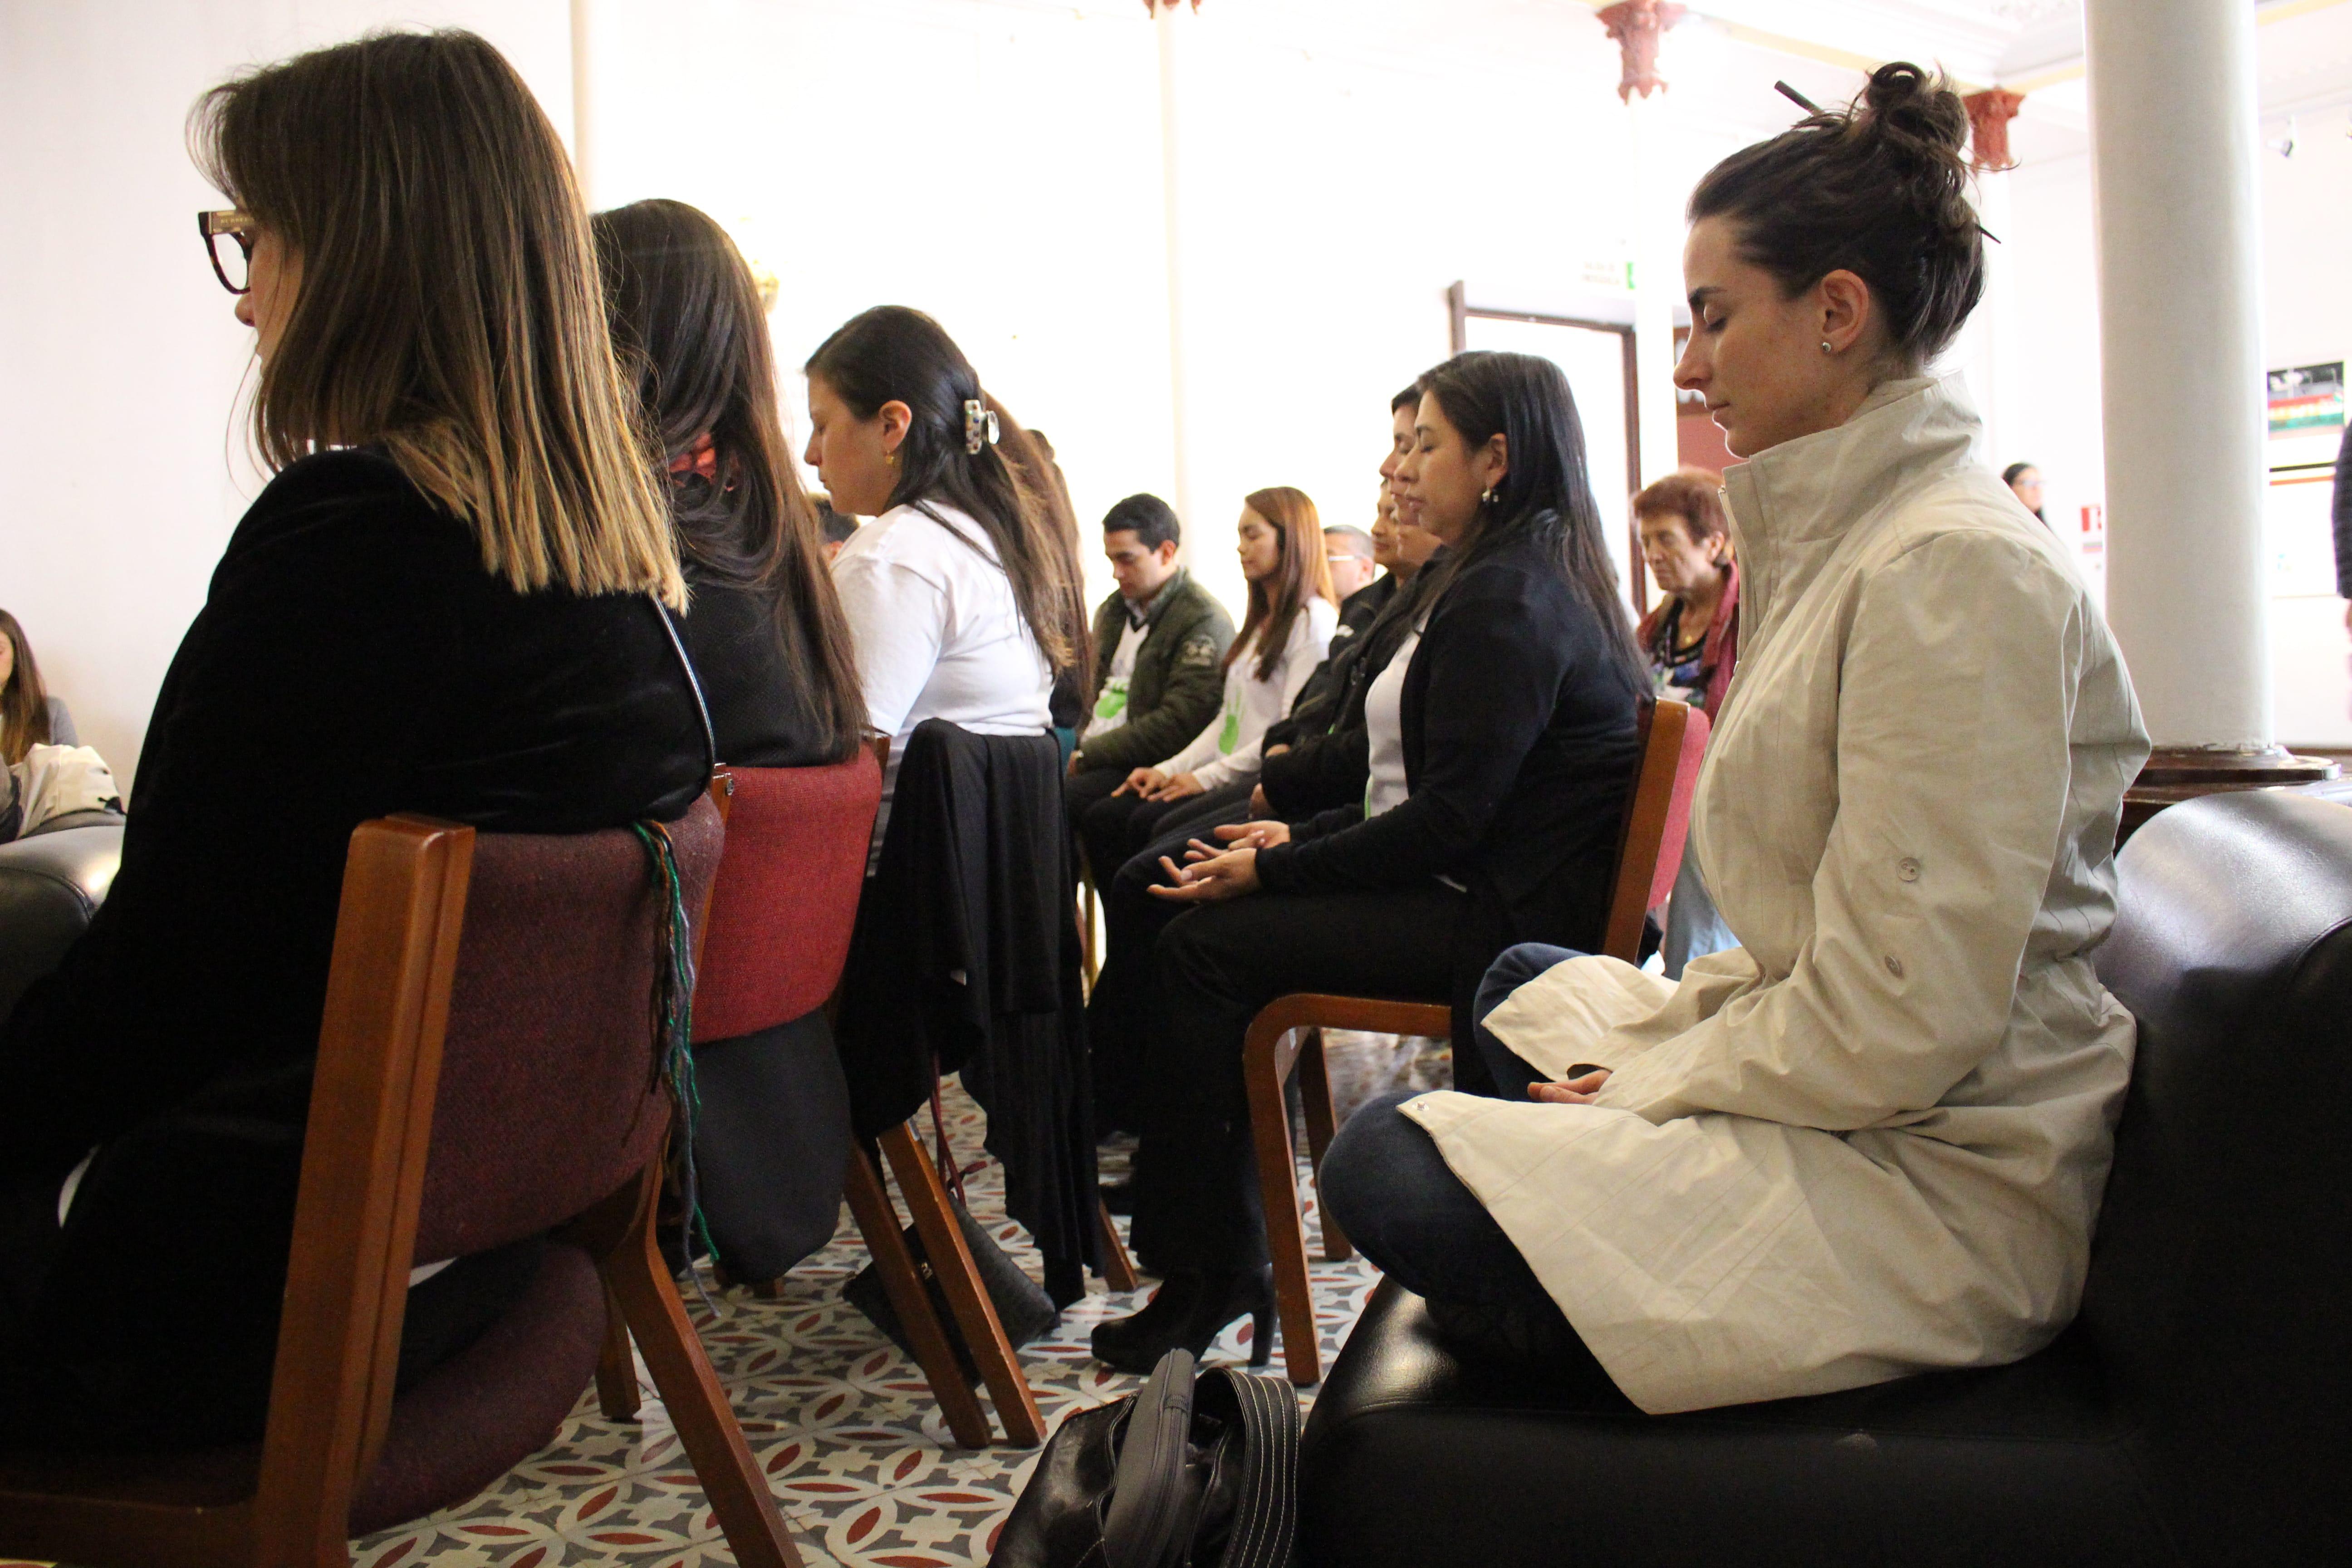 Actividad realizada en sede Claustro con motivo de enlazados por la paz.